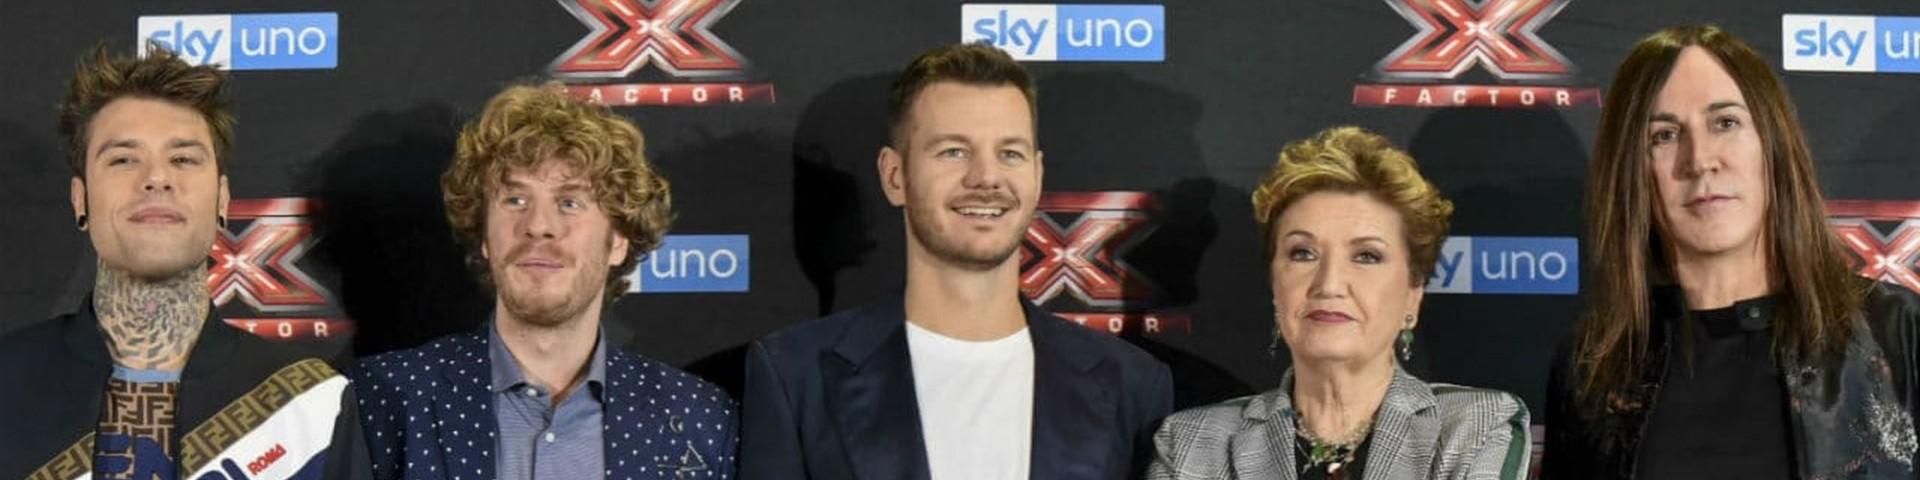 X Factor 12, tutti i brani e ospiti del secondo Live - Anticipazioni